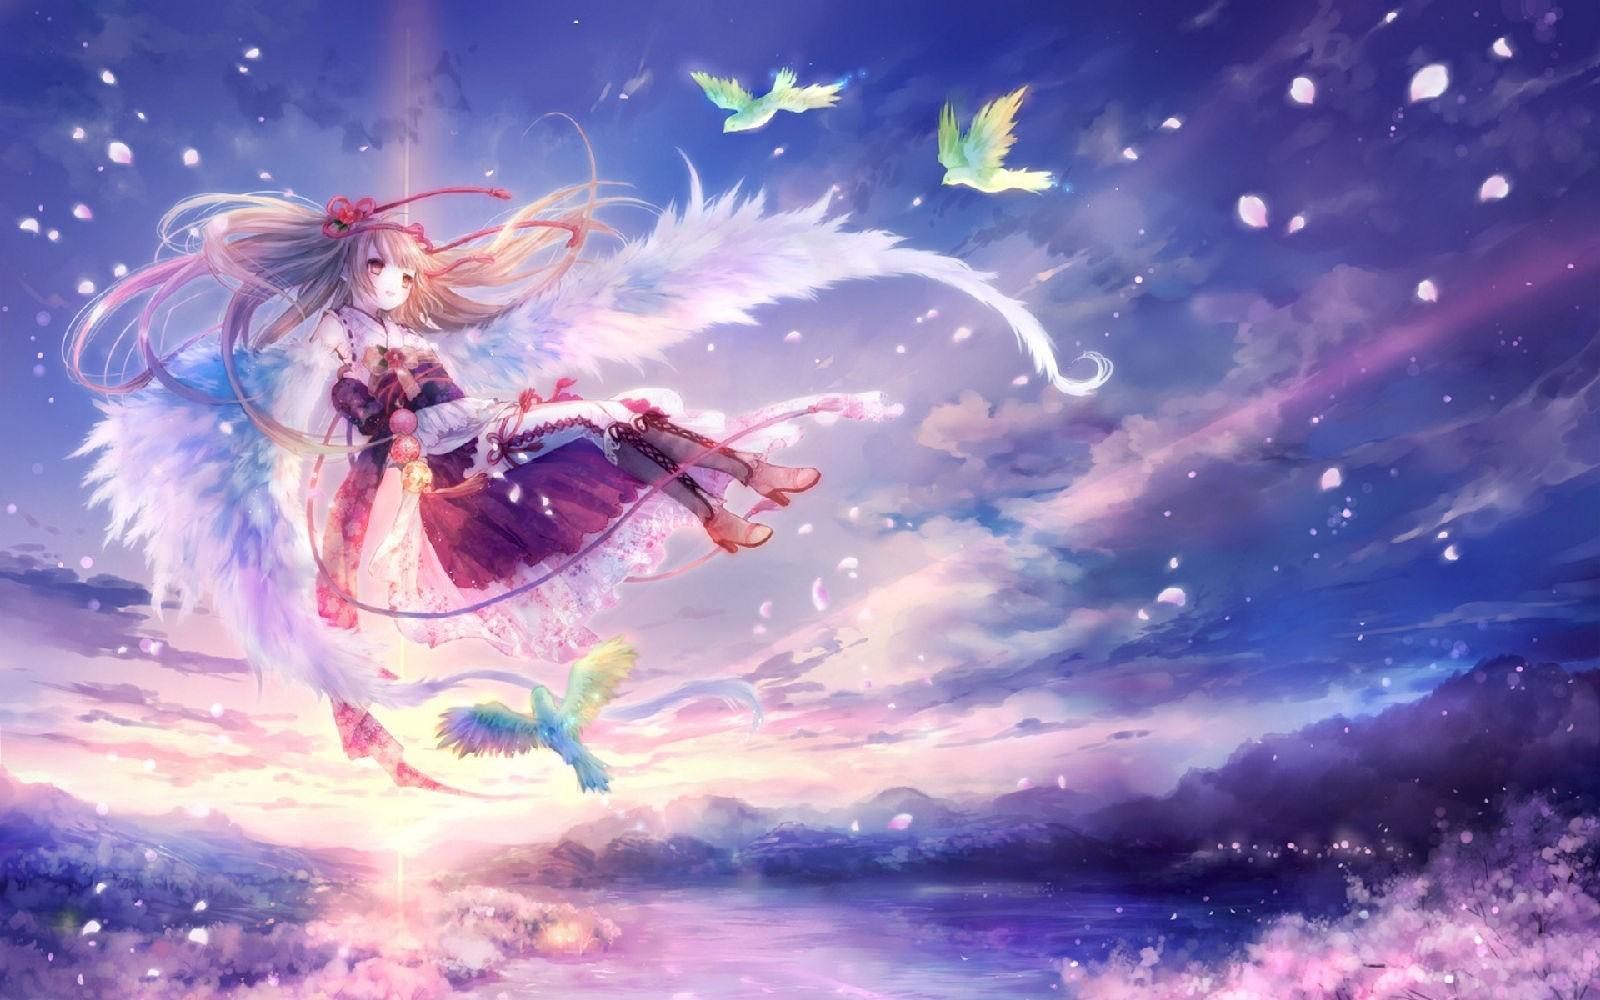 求几张带天使翅膀的动漫mm图片~本人做绘画用~清楚一些的·不要抛光